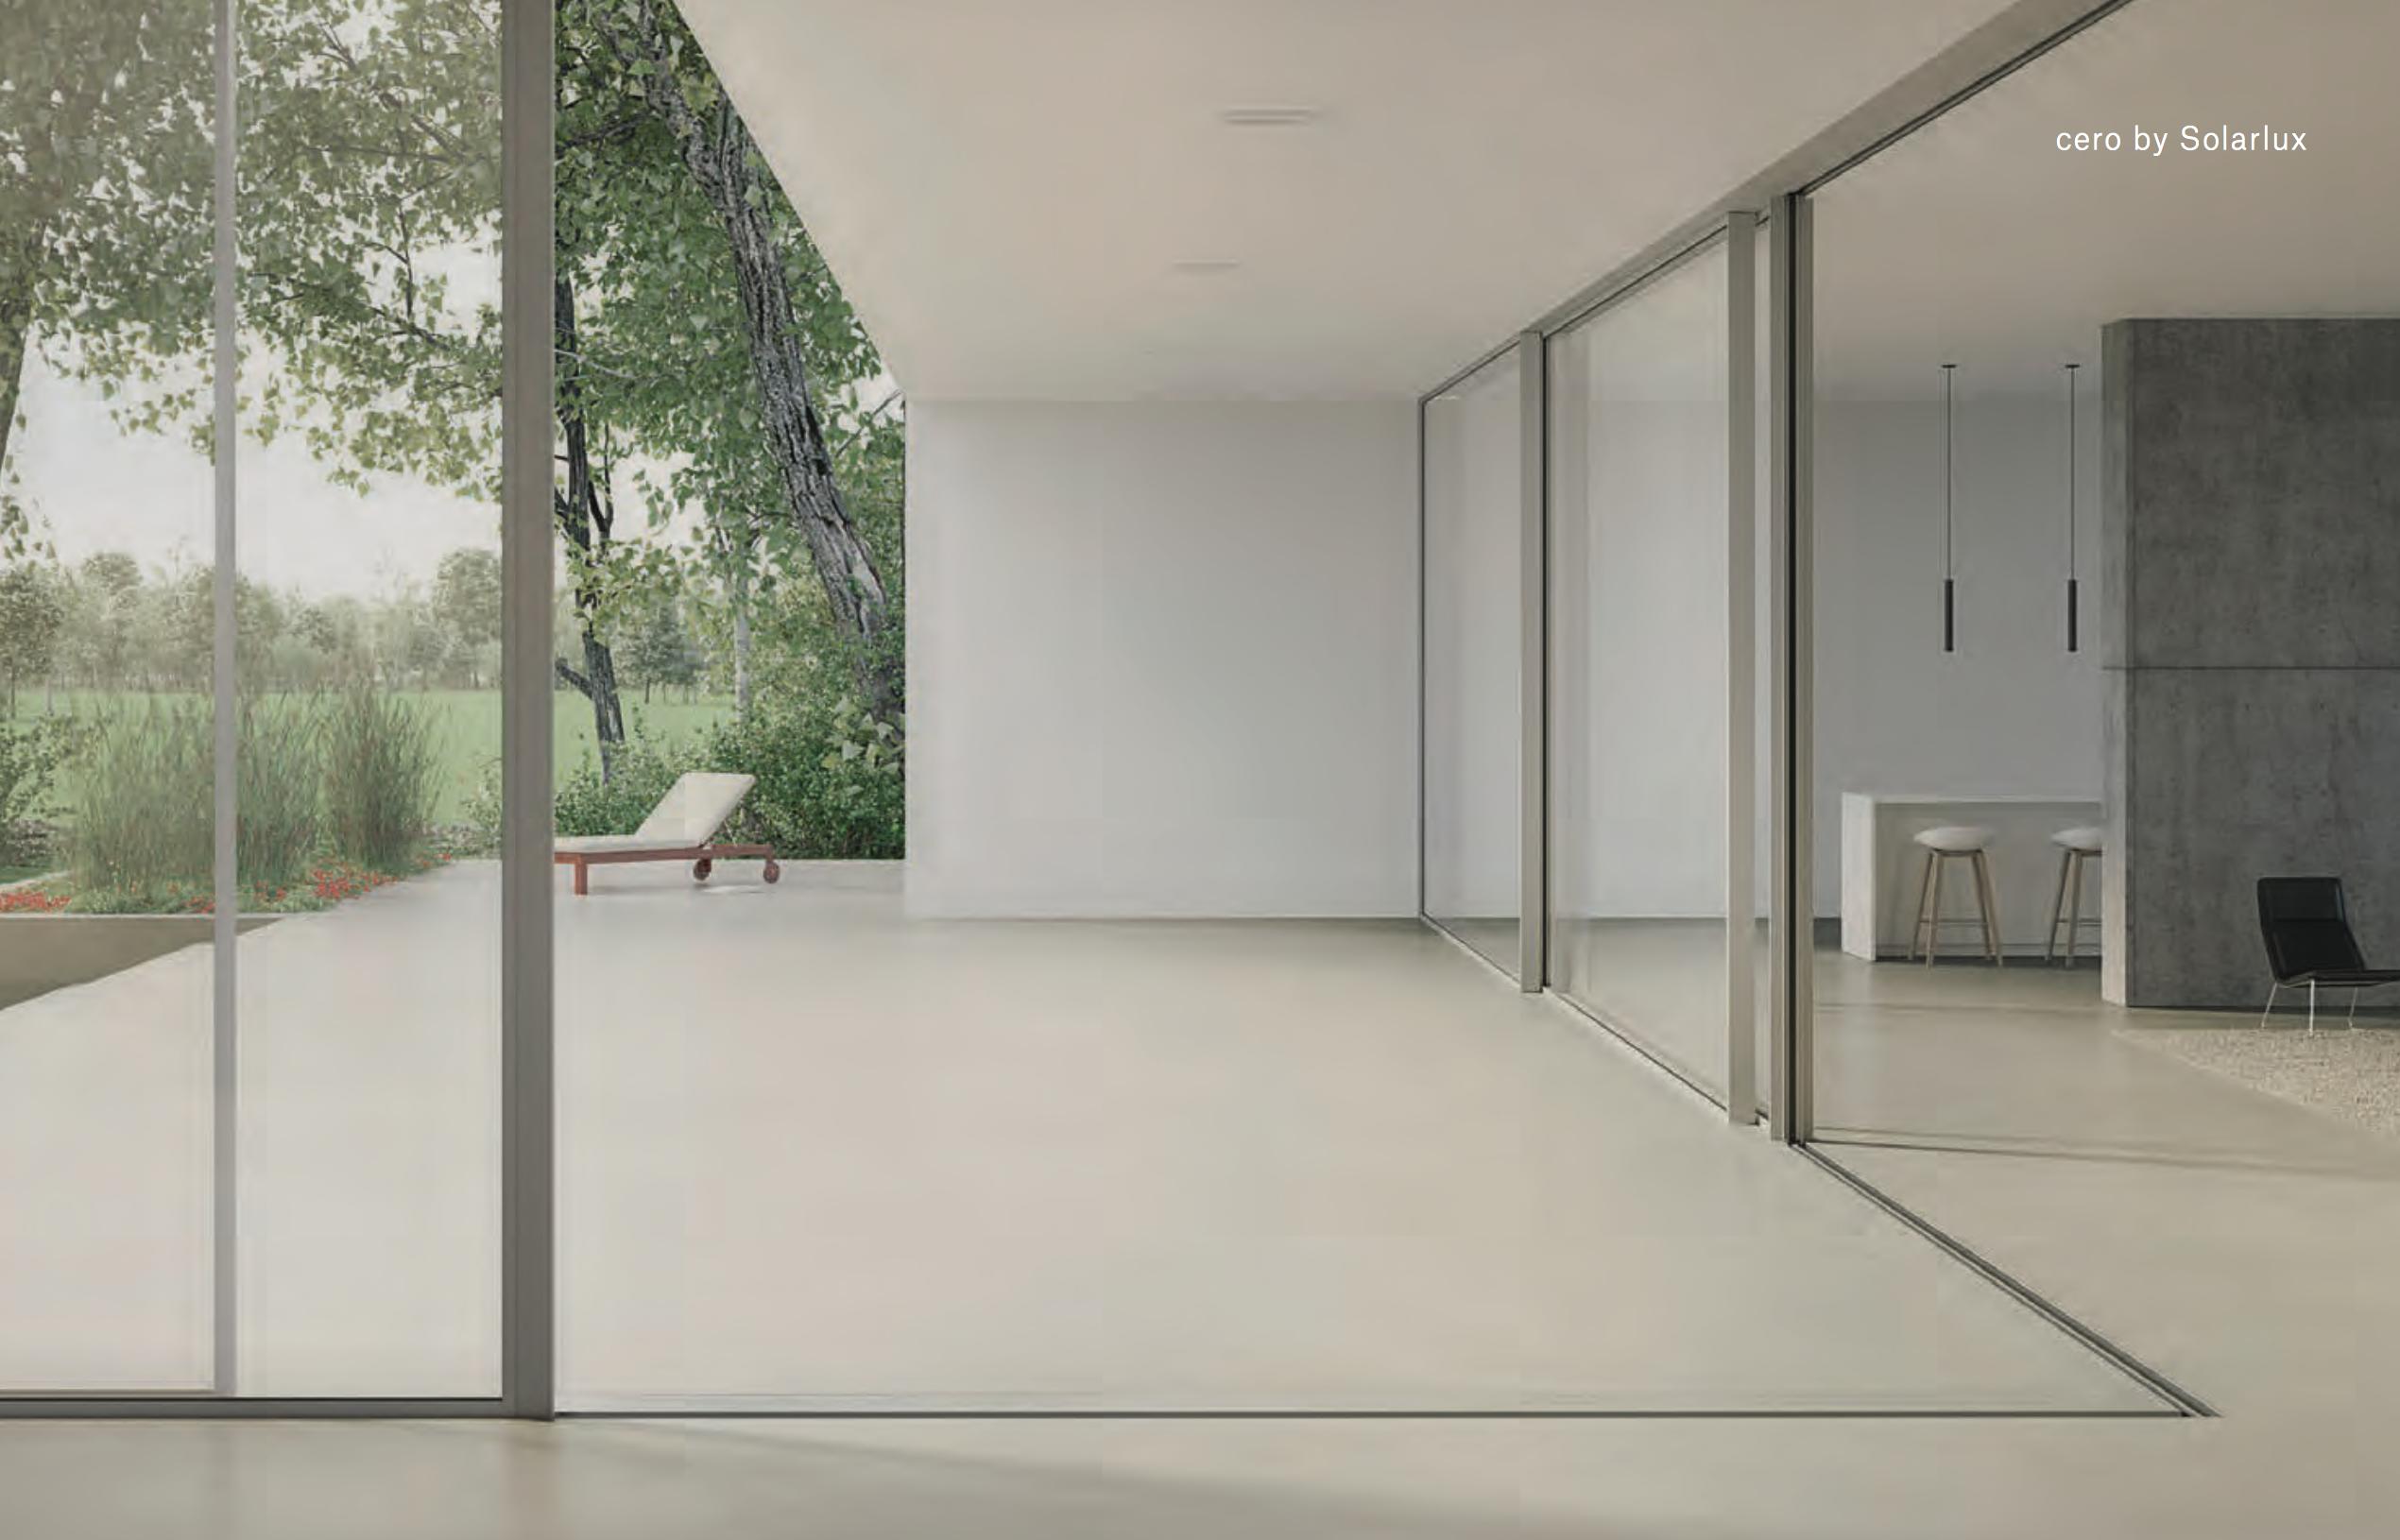 Fein Architekt Glasrahmen Galerie - Bilderrahmen Ideen - szurop.info